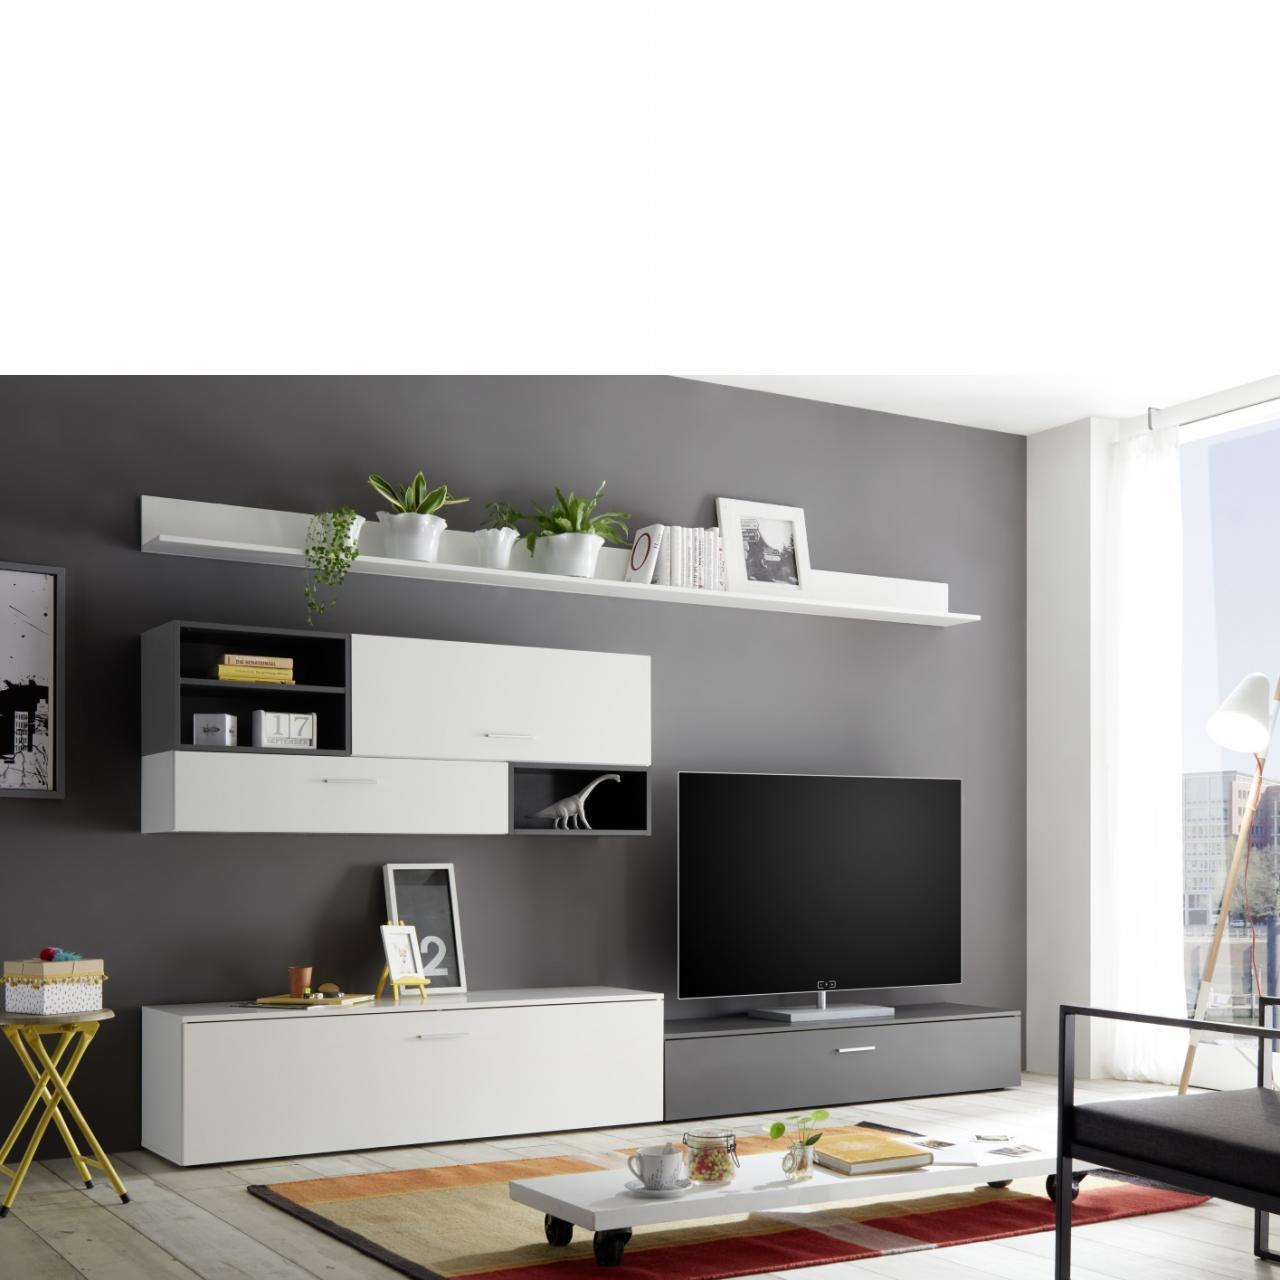 Wohnwand New Vision - Weiß/grau